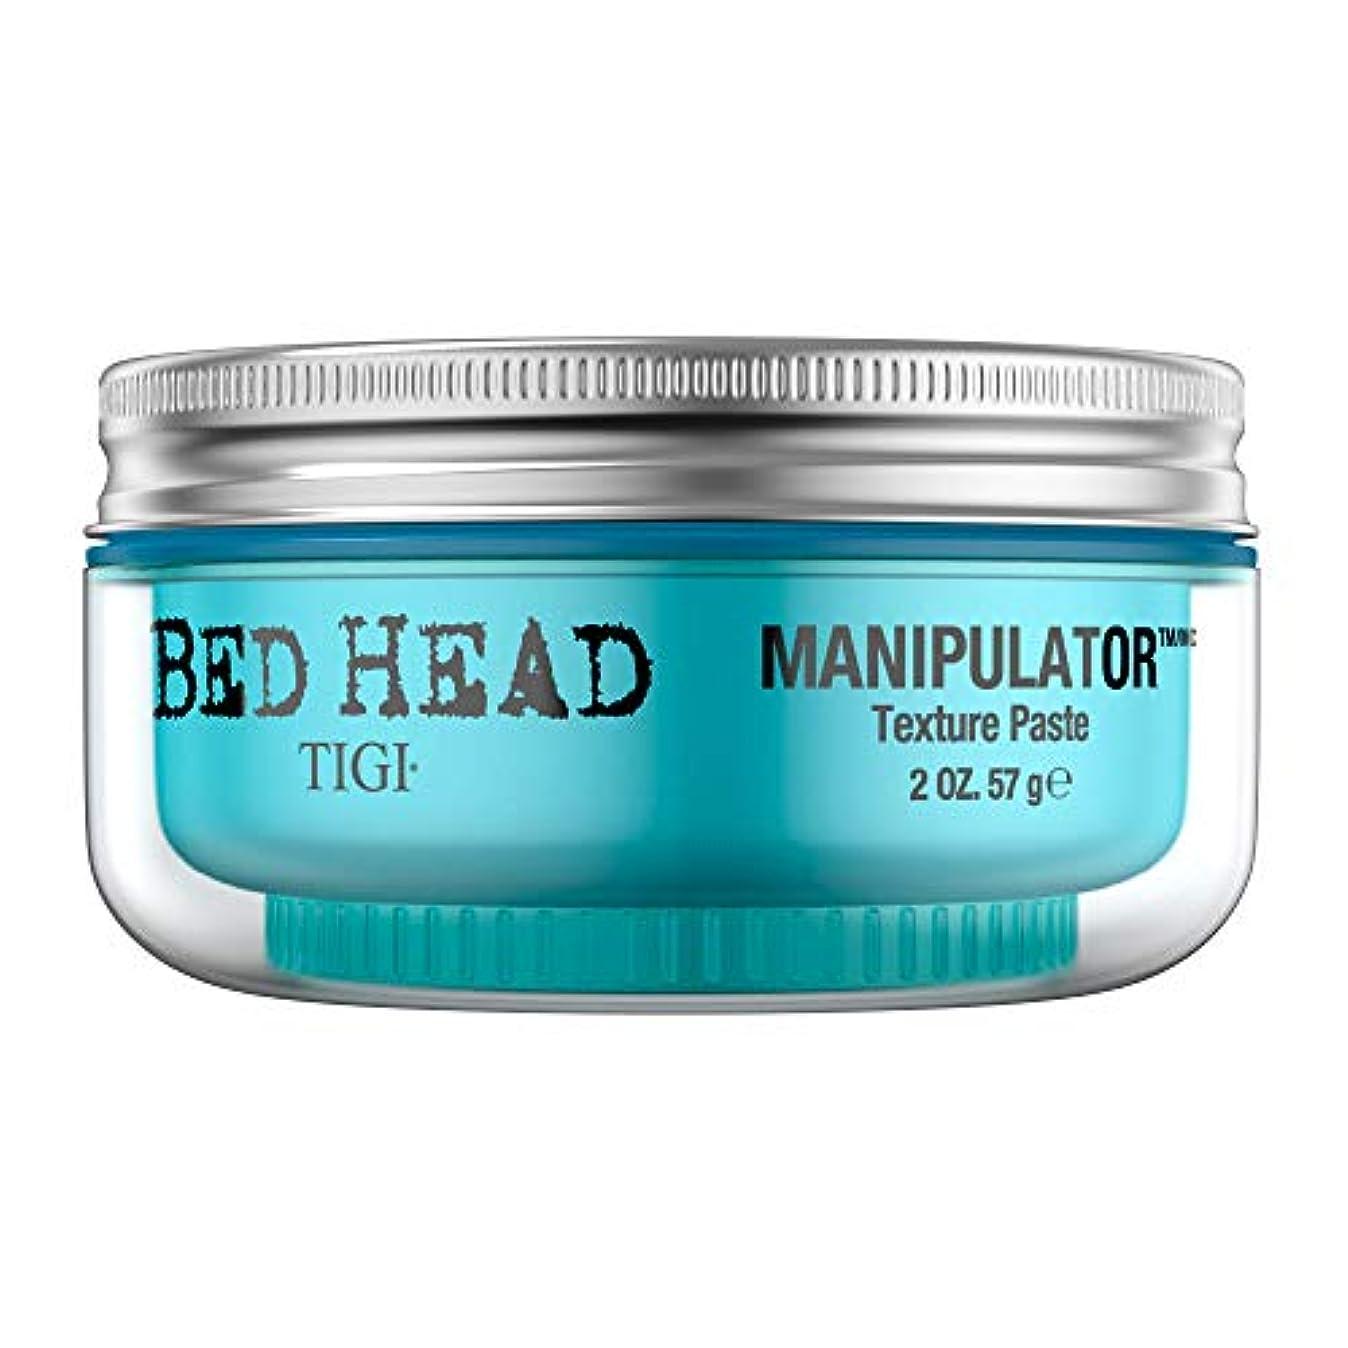 物理学者眠っている不快TIGI Cosmetics ティジーbedheadマニピュレータ、2オンス(2パック)